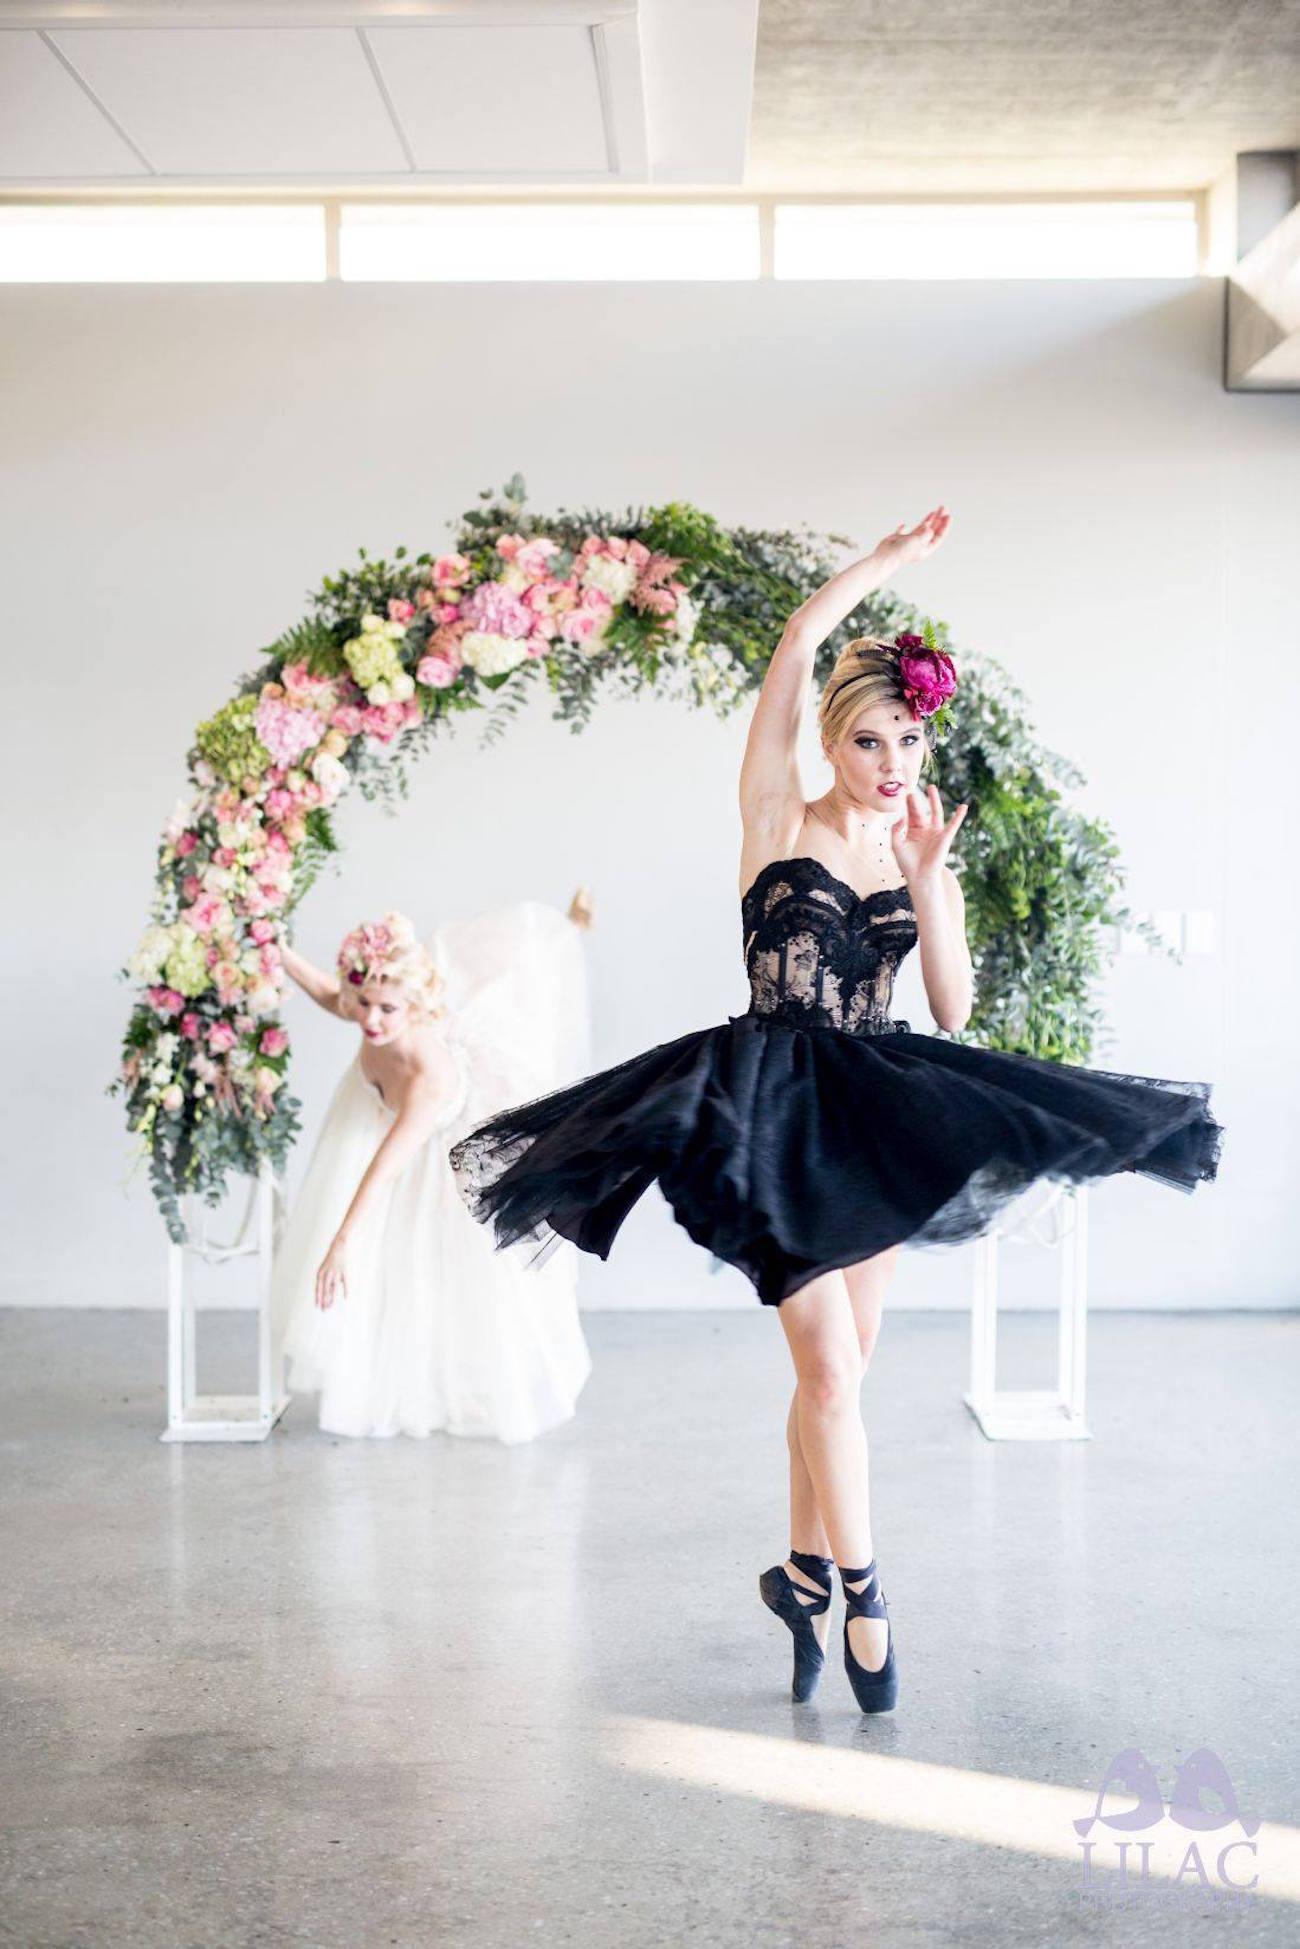 Ballerina Bride in Black